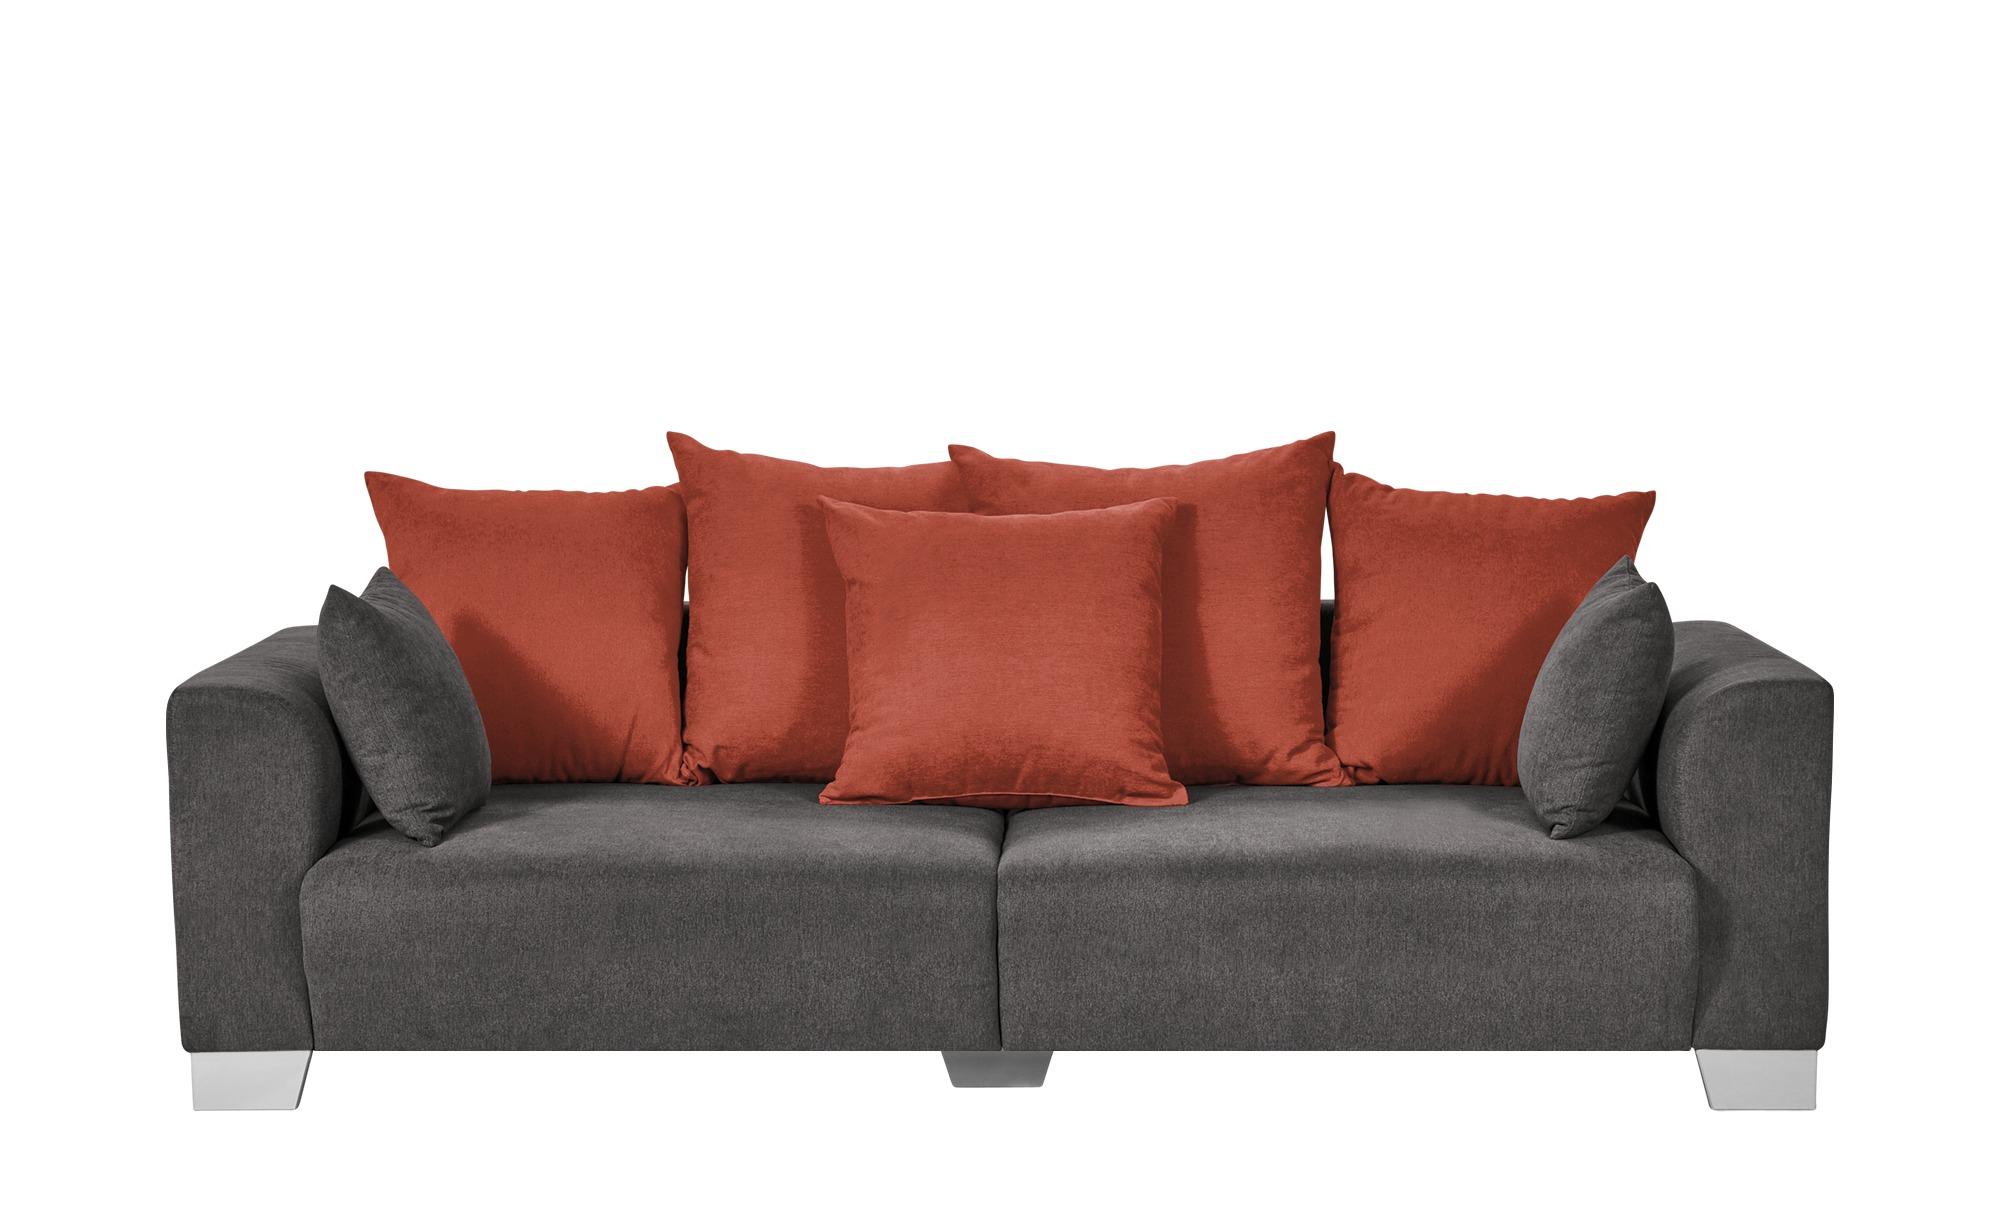 Smart Big Sofa Grau Braun Flachgewebe Tonja Schlamm Orange Flachgewebe